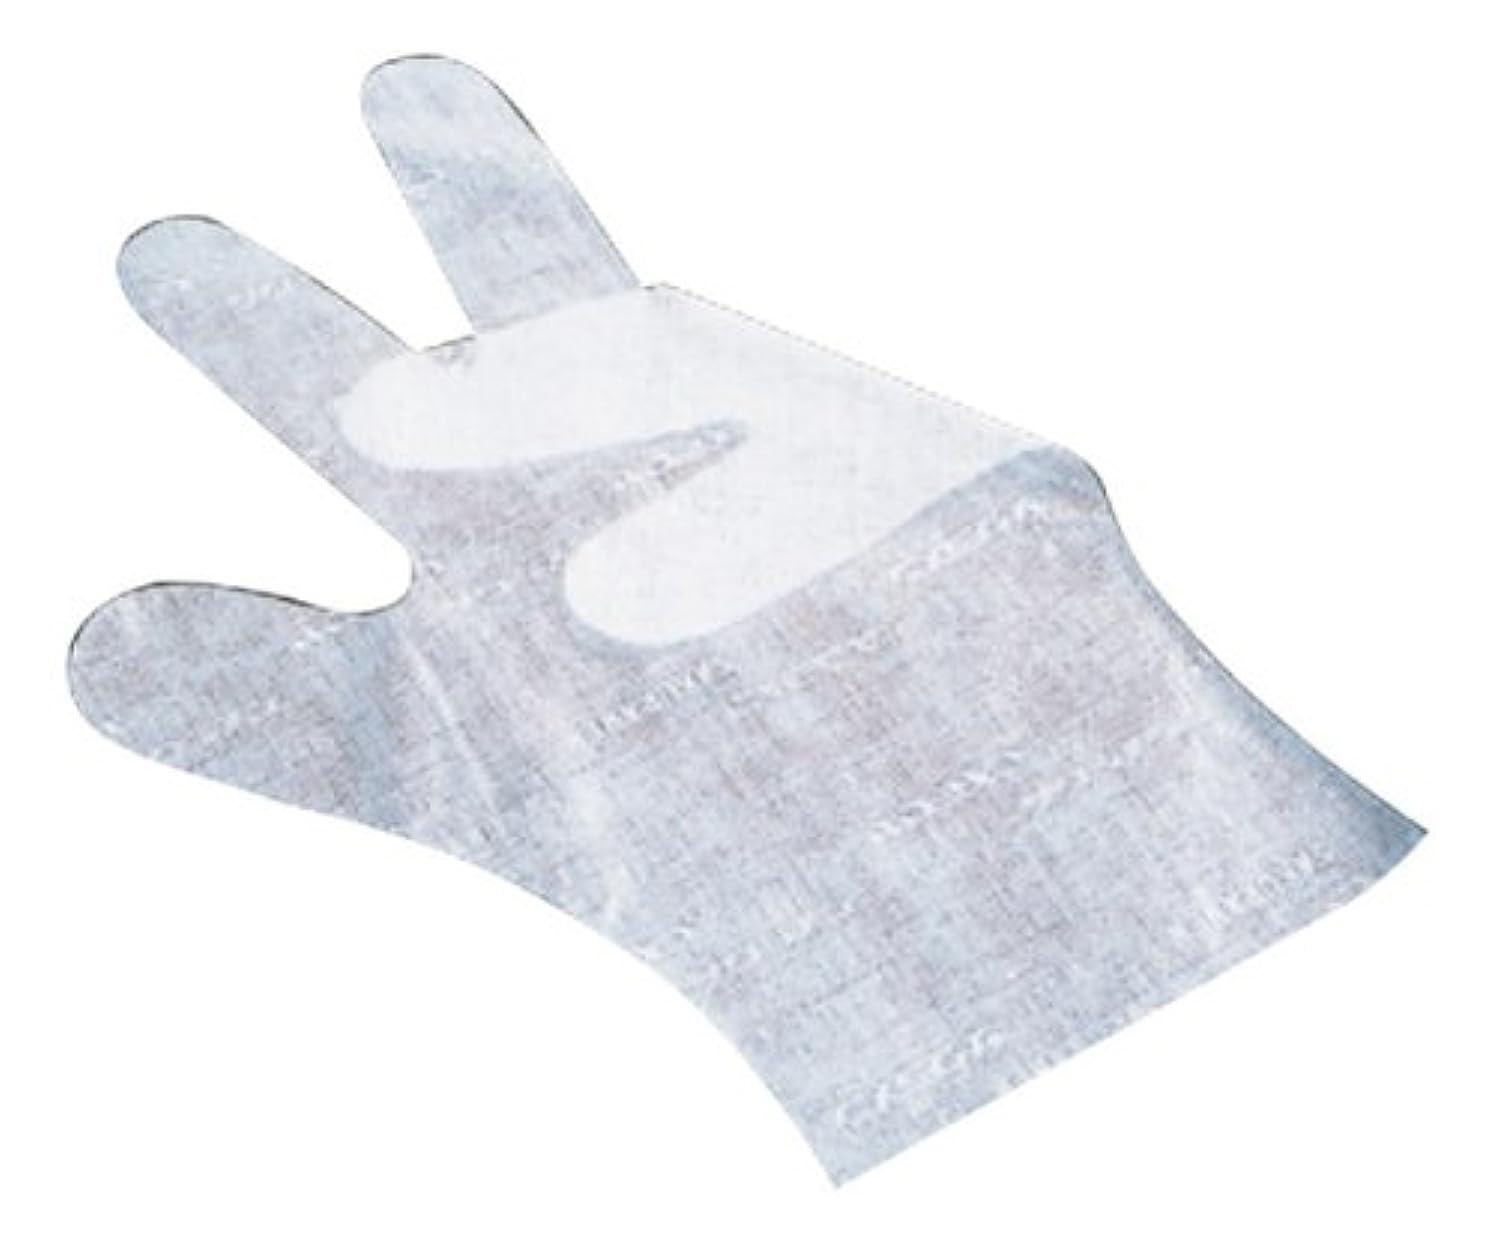 支配的受ける無知サクラメン手袋 デラックス(100枚入)M ホワイト 35μ